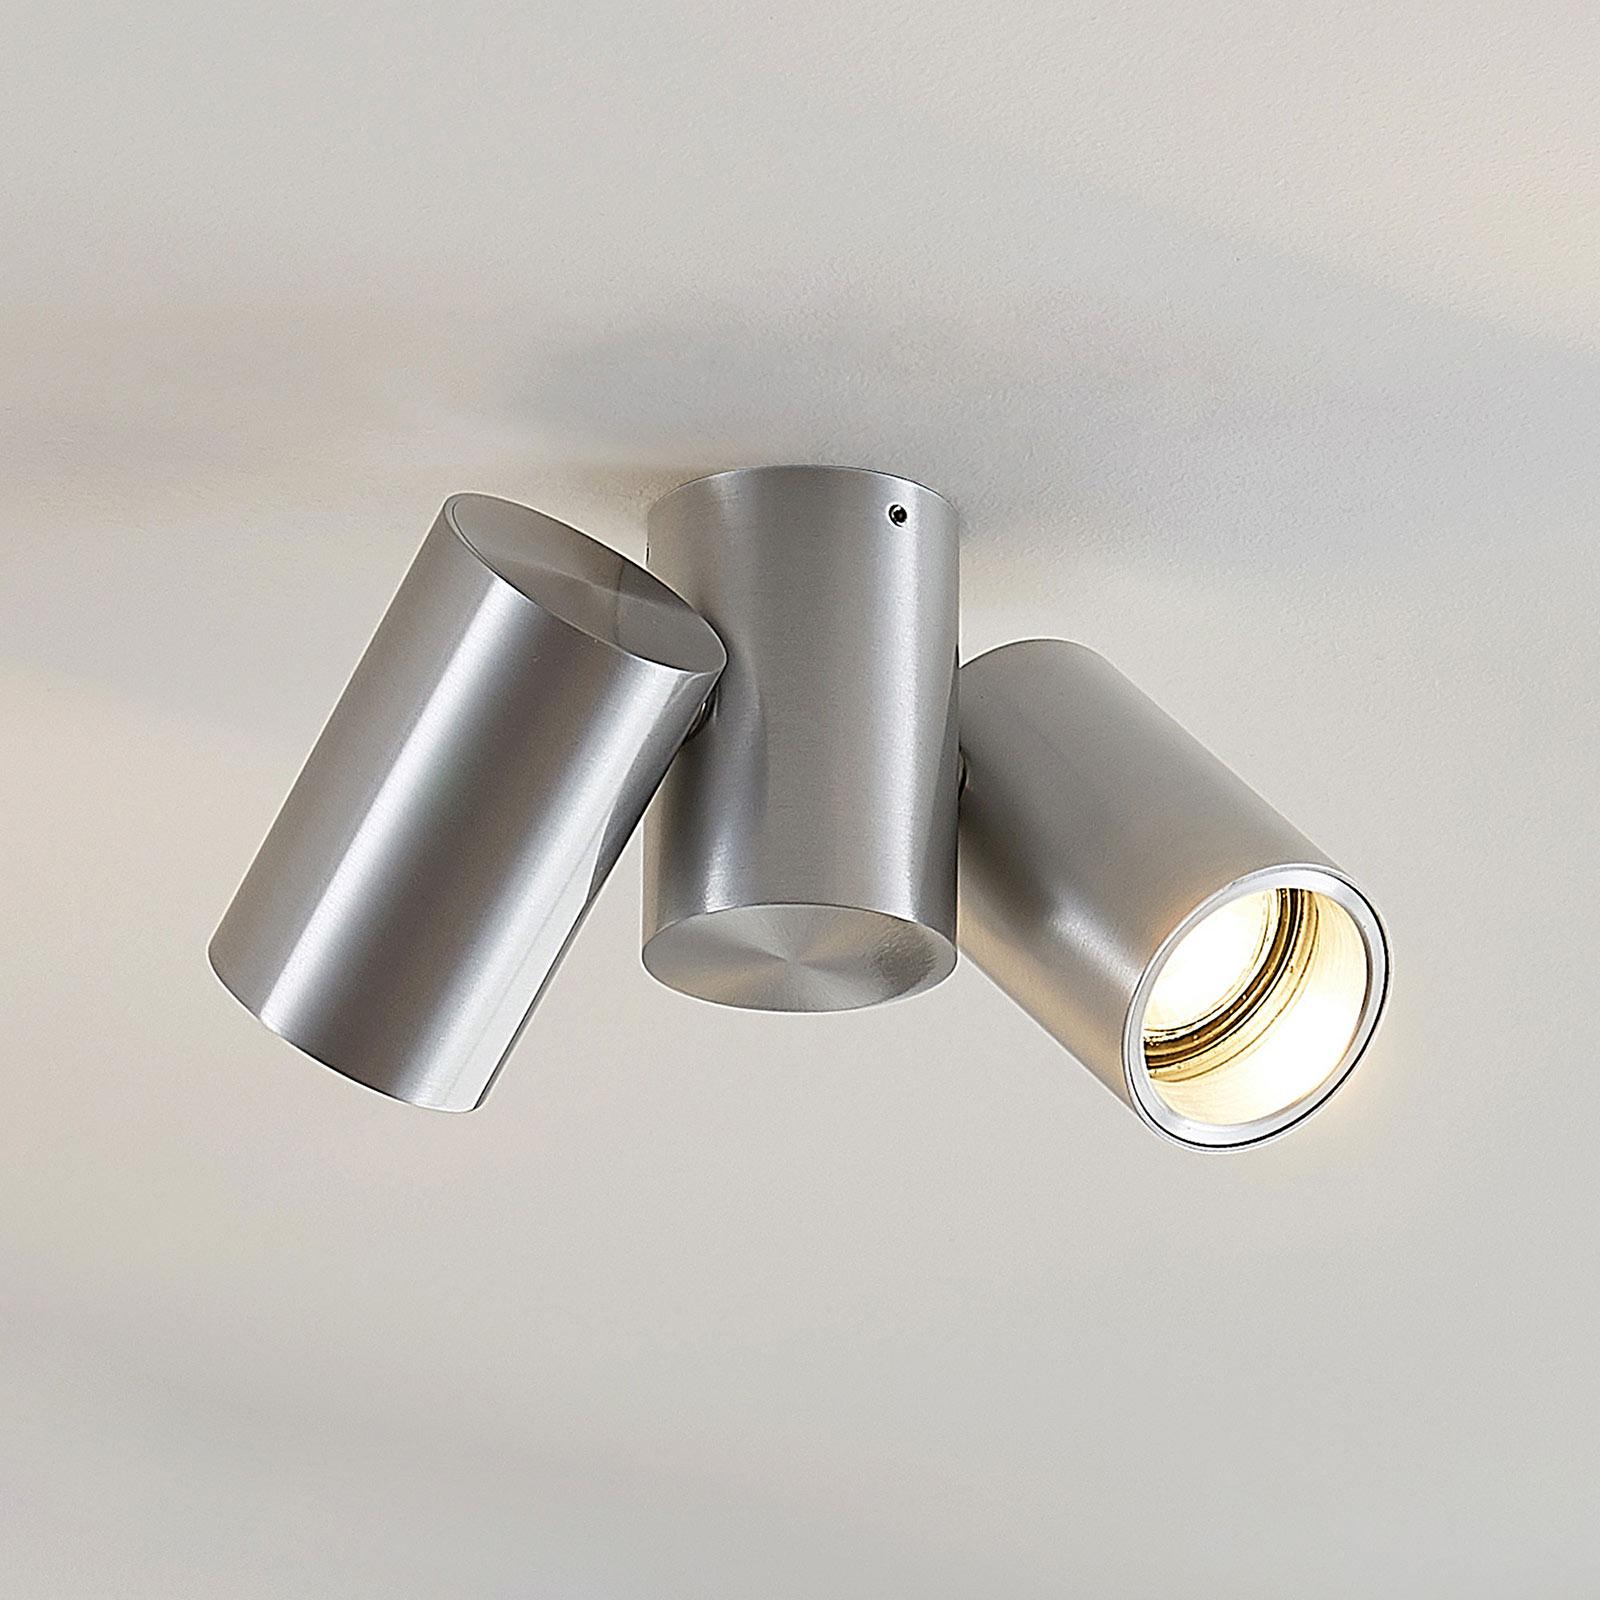 Taklampa Gesina, 2 lampor, aluminium